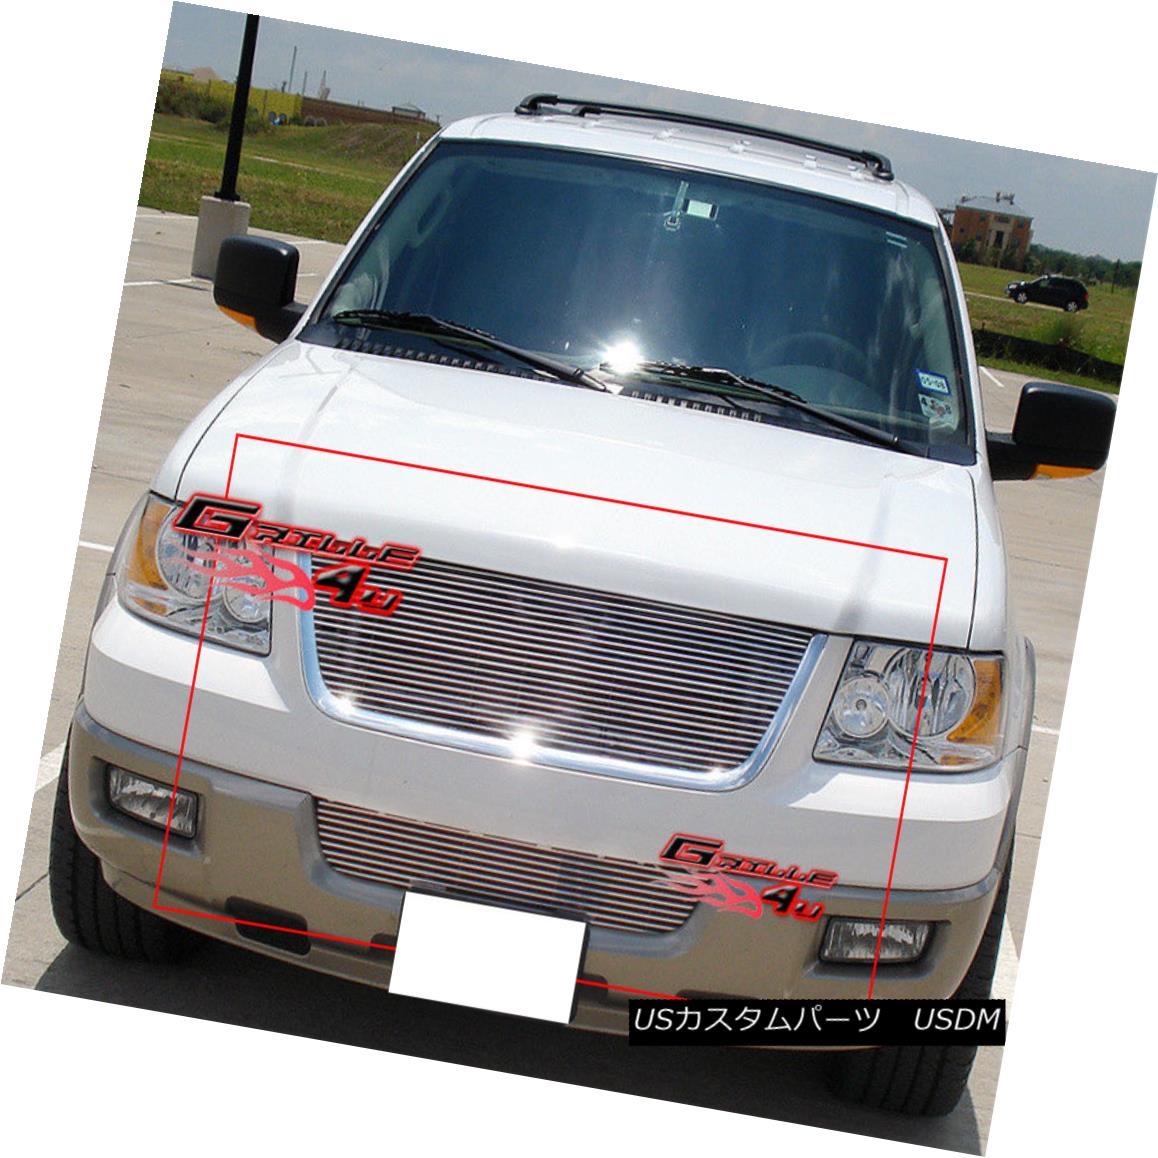 グリル For 03-06 Ford Expedition Billet Grille Combo Upper+Bumper 03-06 For Ford Expeditionビレットグリルコンボアッパー+バンパー